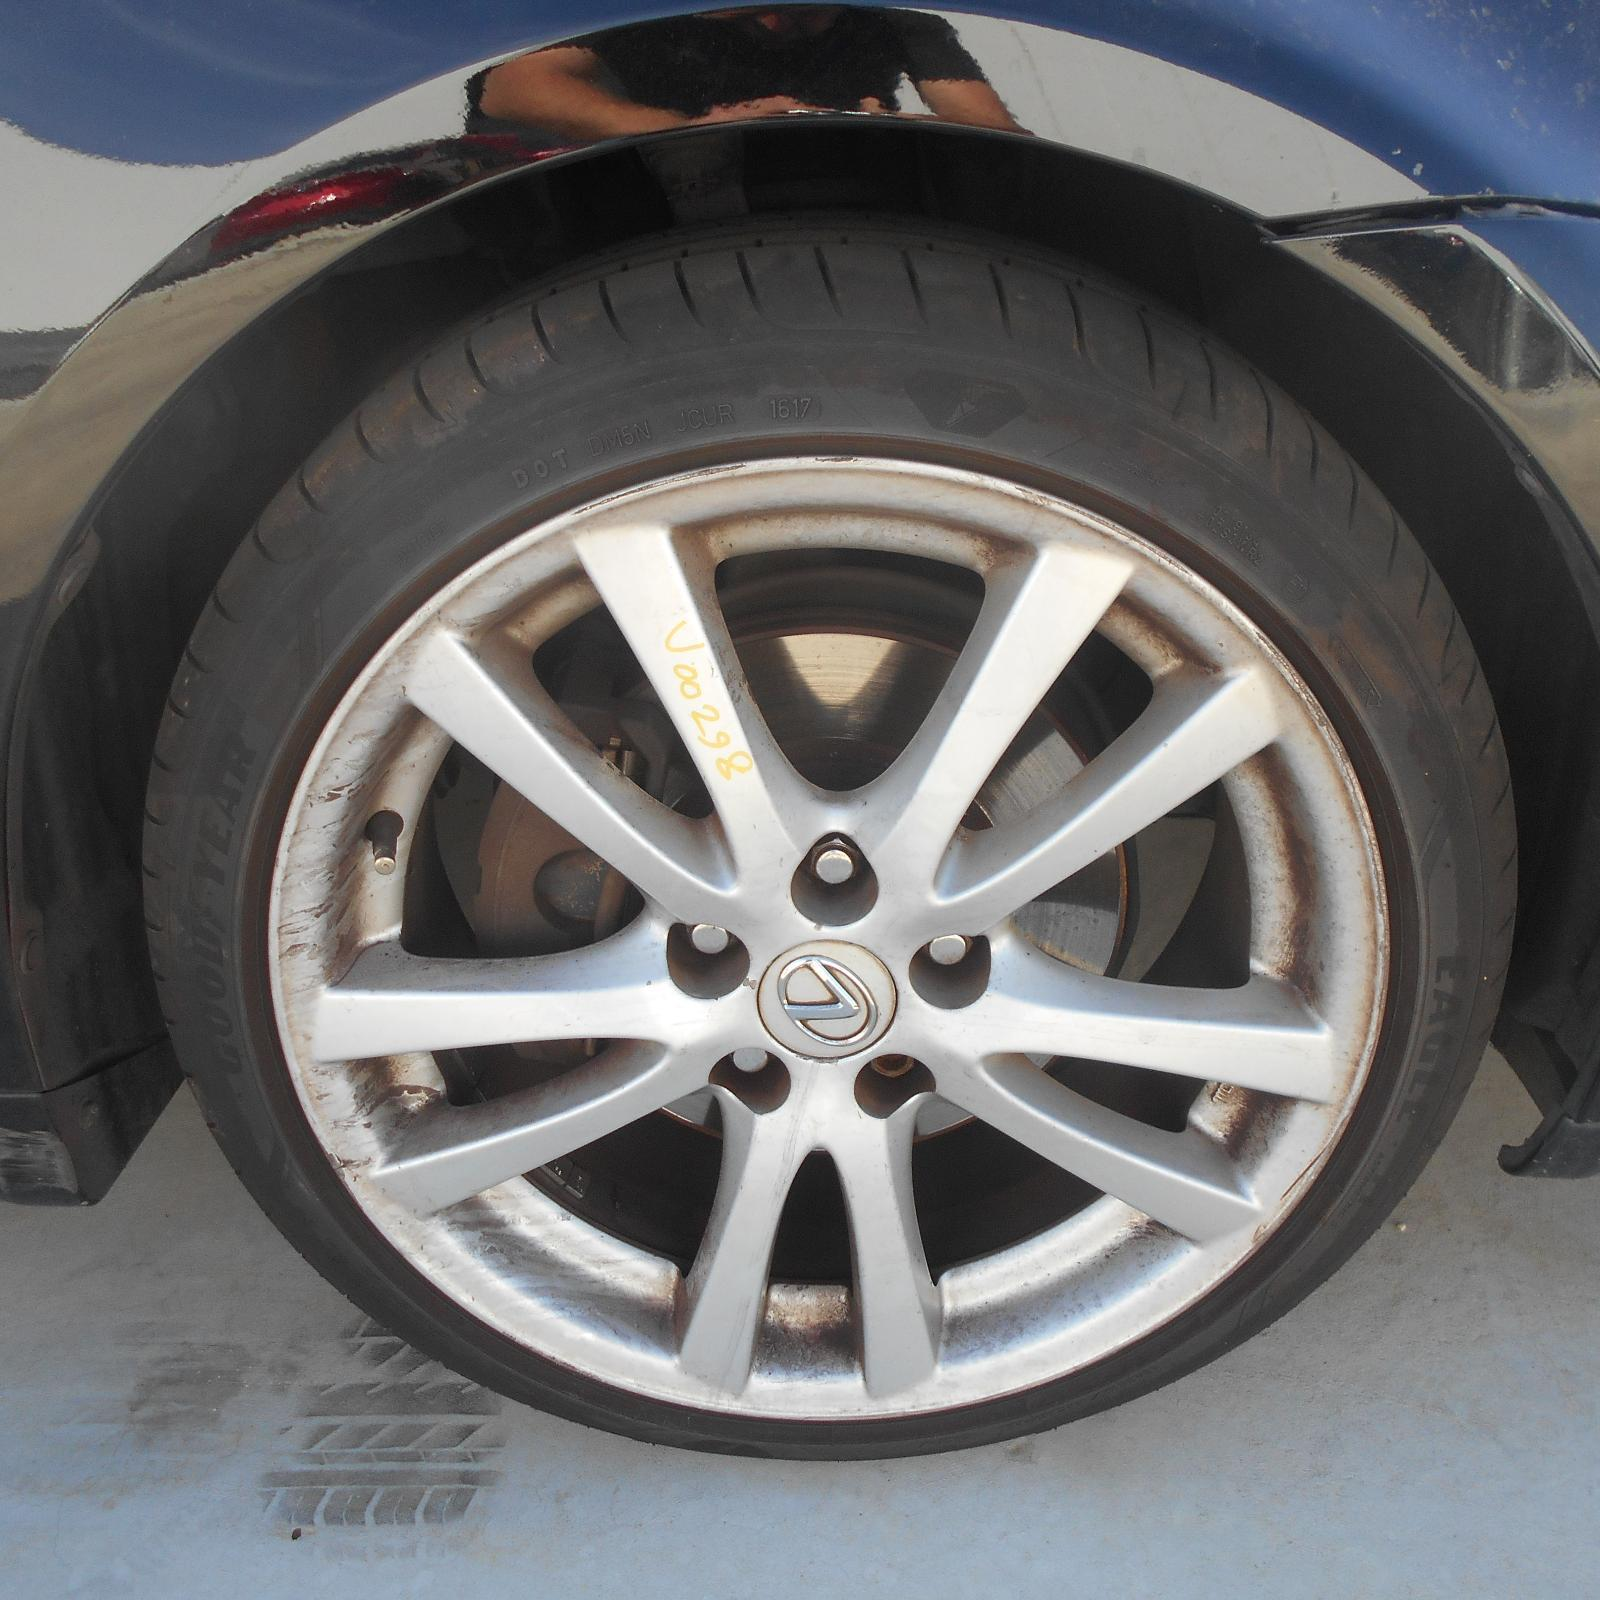 LEXUS IS250/IS250C, Wheel Mag, IS250, FACTORY, REAR, 18X8.5IN, TWIN SPOKE, GSE20R, 11/05-09/08